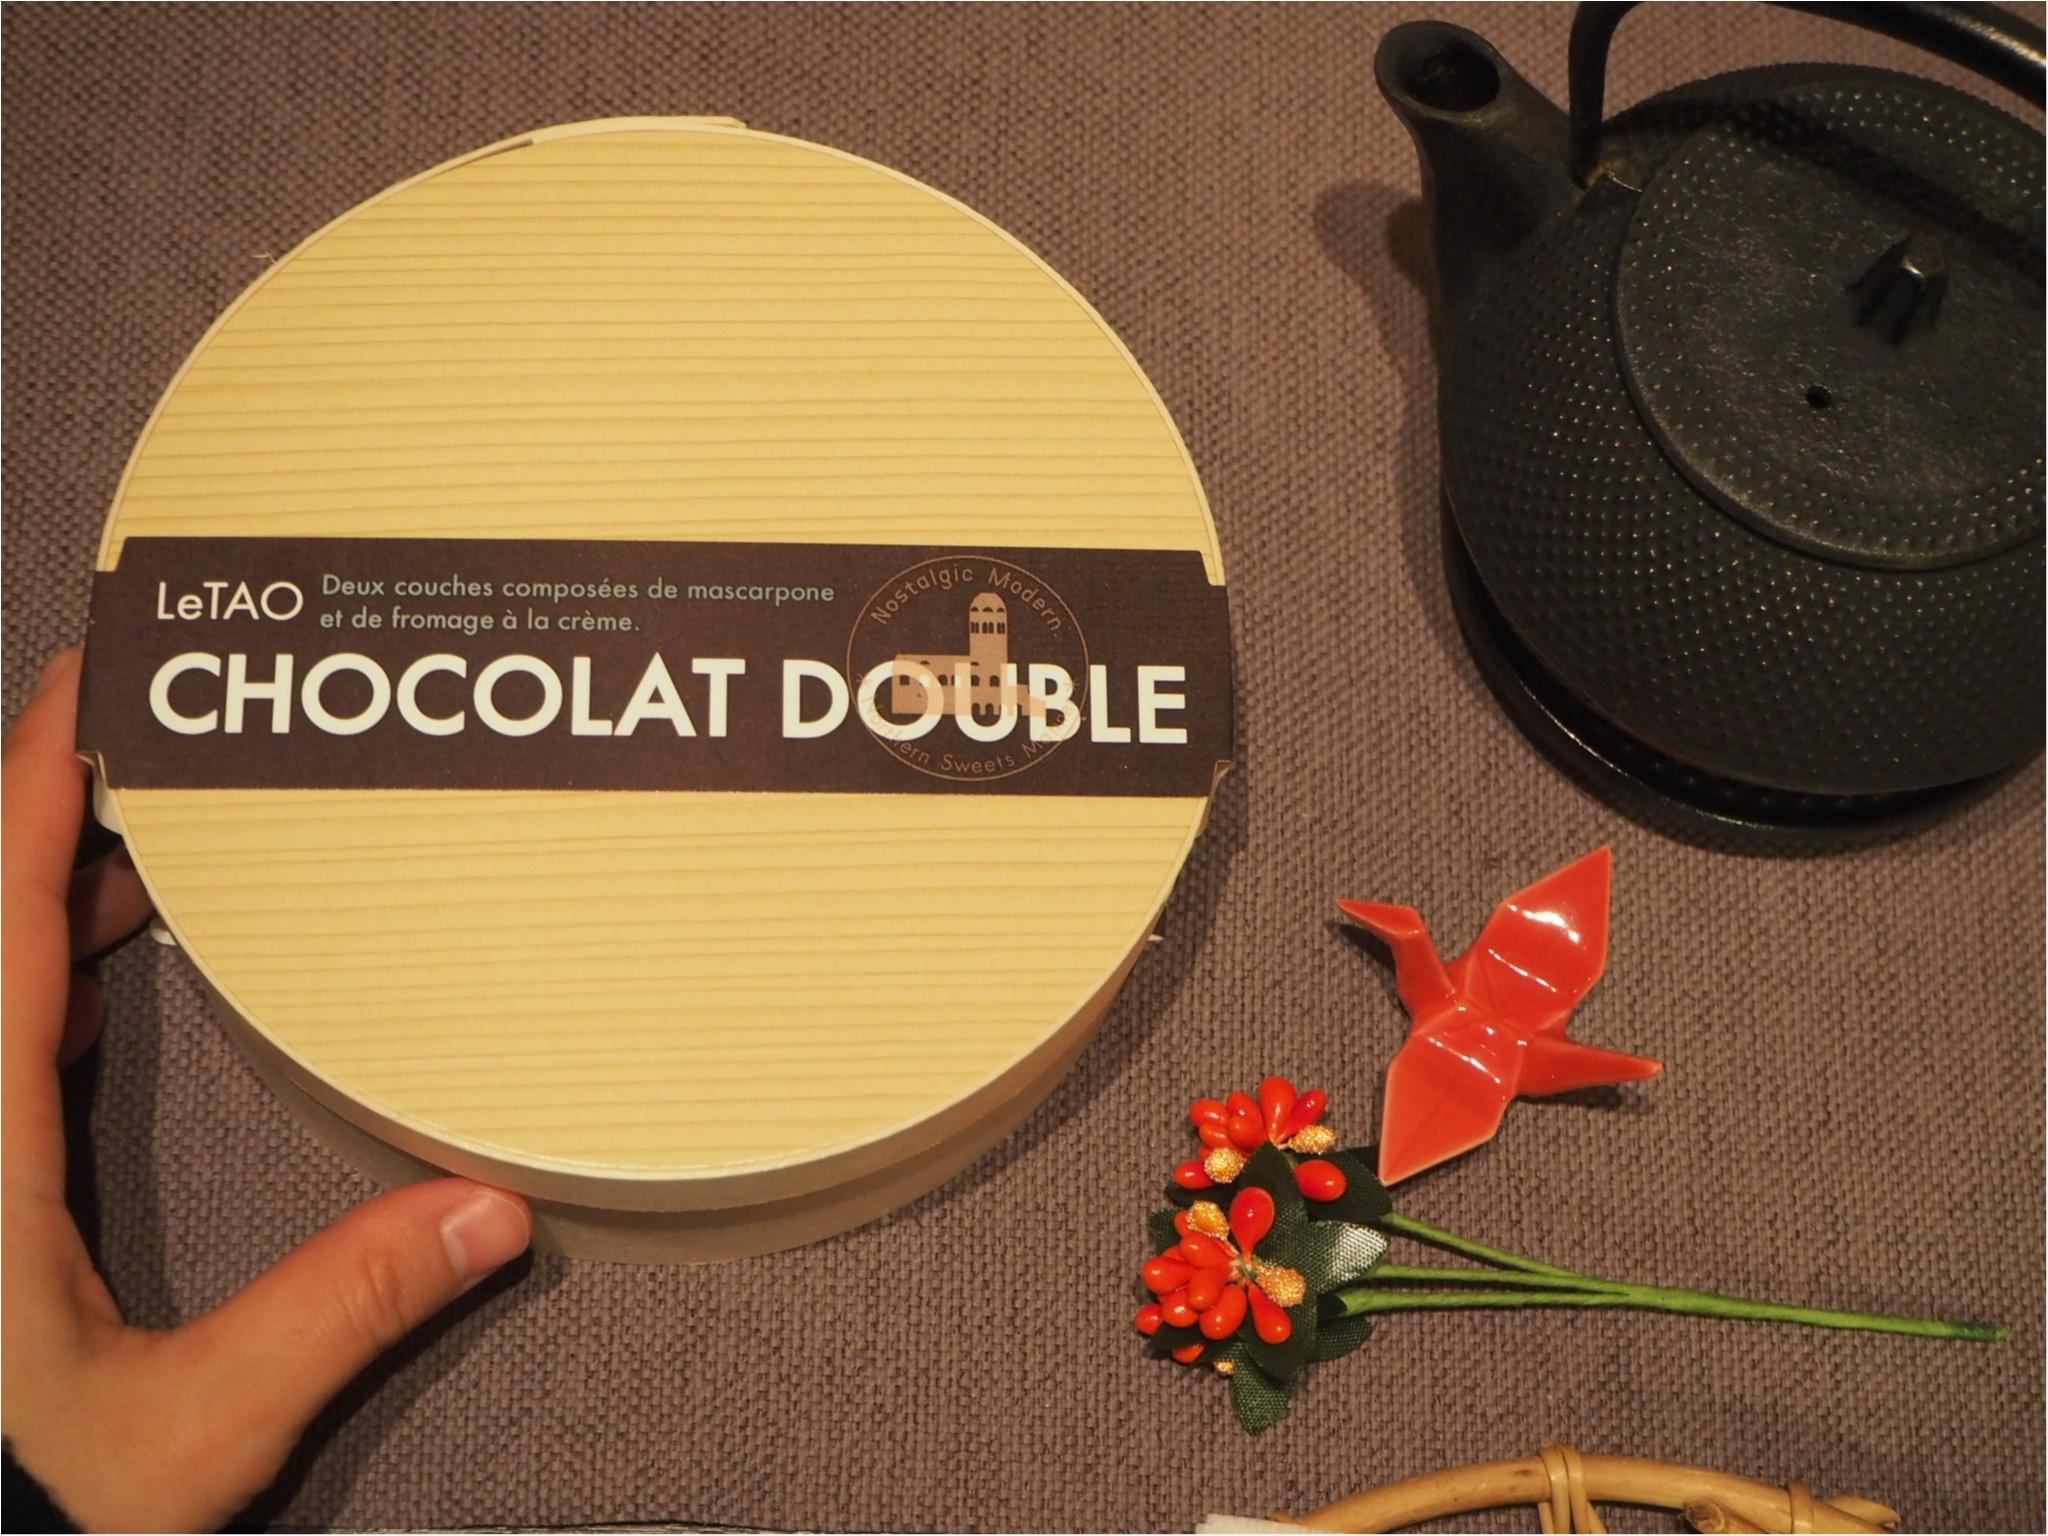 【バレンタインデー直前】彼と2人で食べたいチョコレートは1つで2度楽しめるコレに決定♪_2